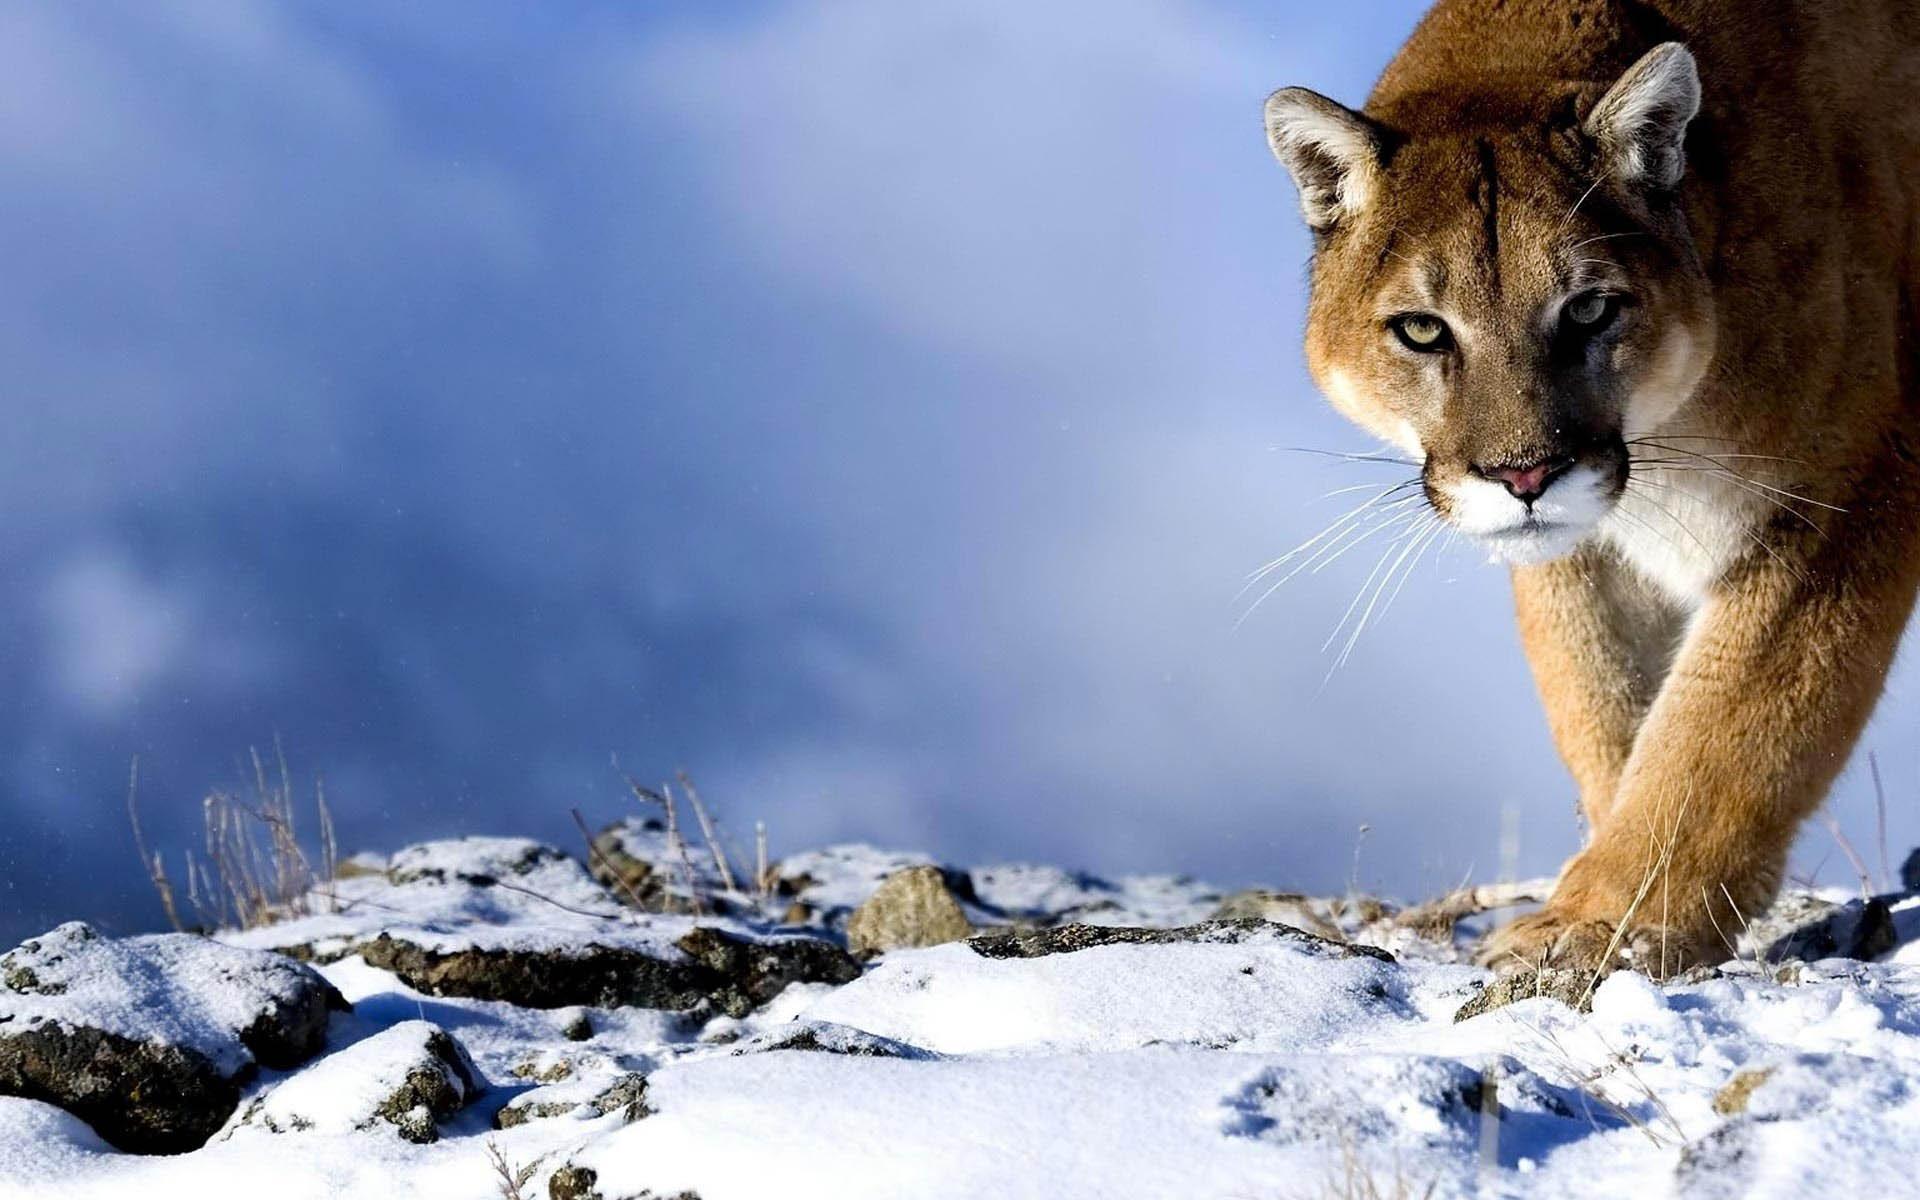 mountain lion wallpaper hd